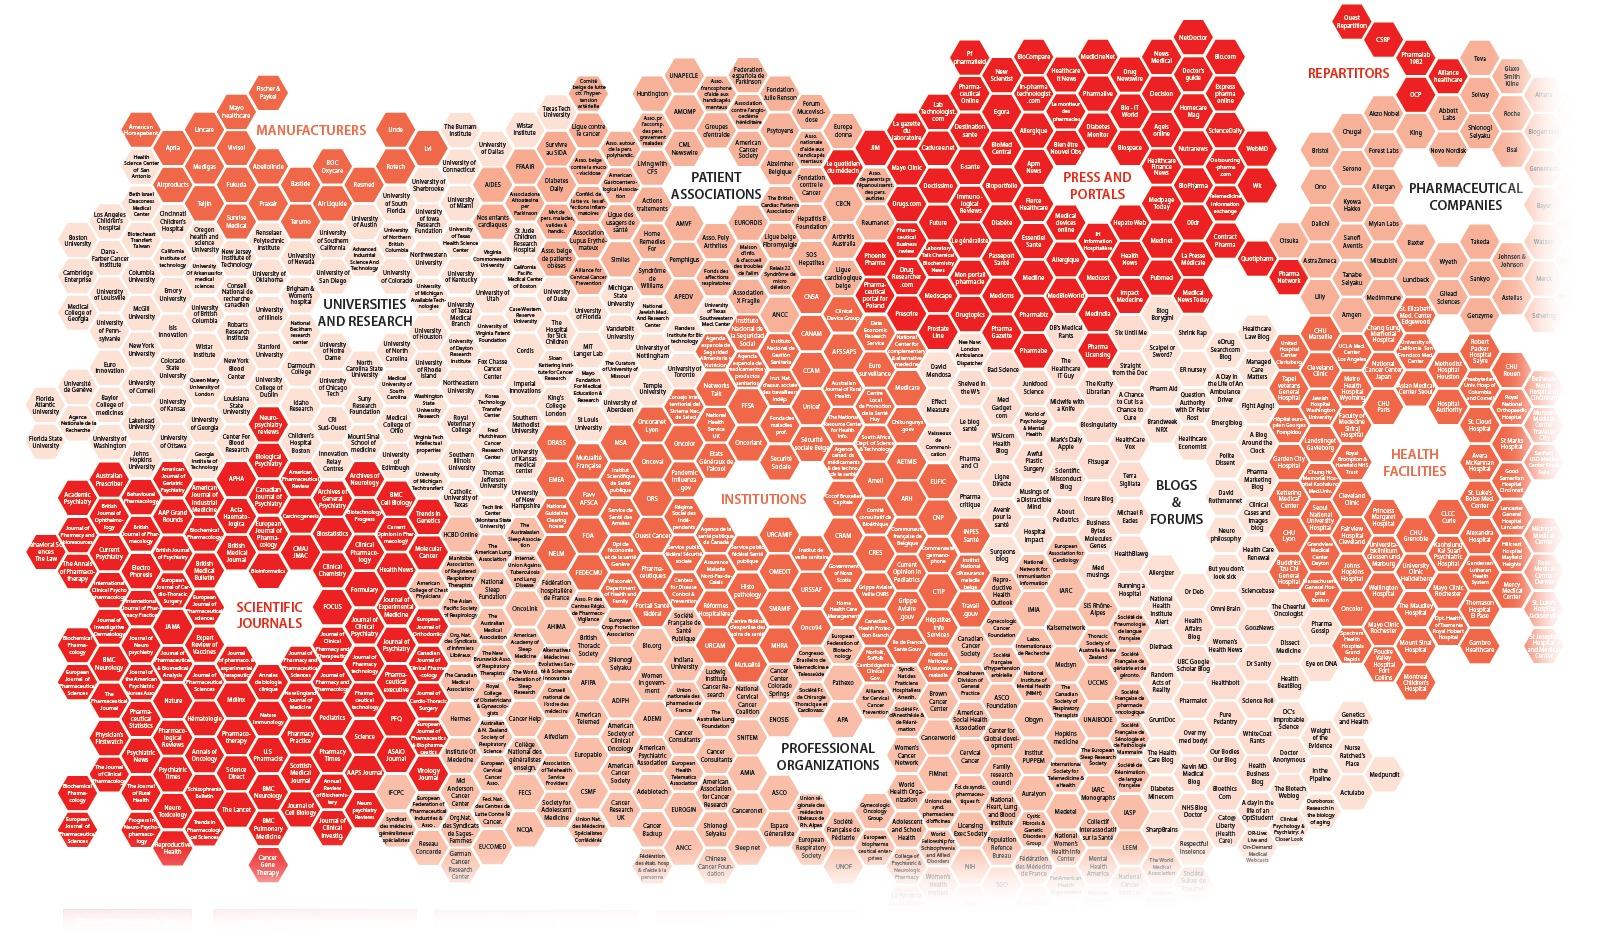 Un extrait d'une cartographie de sources pour l'industrie pharmaceutique (Digimind Insights)